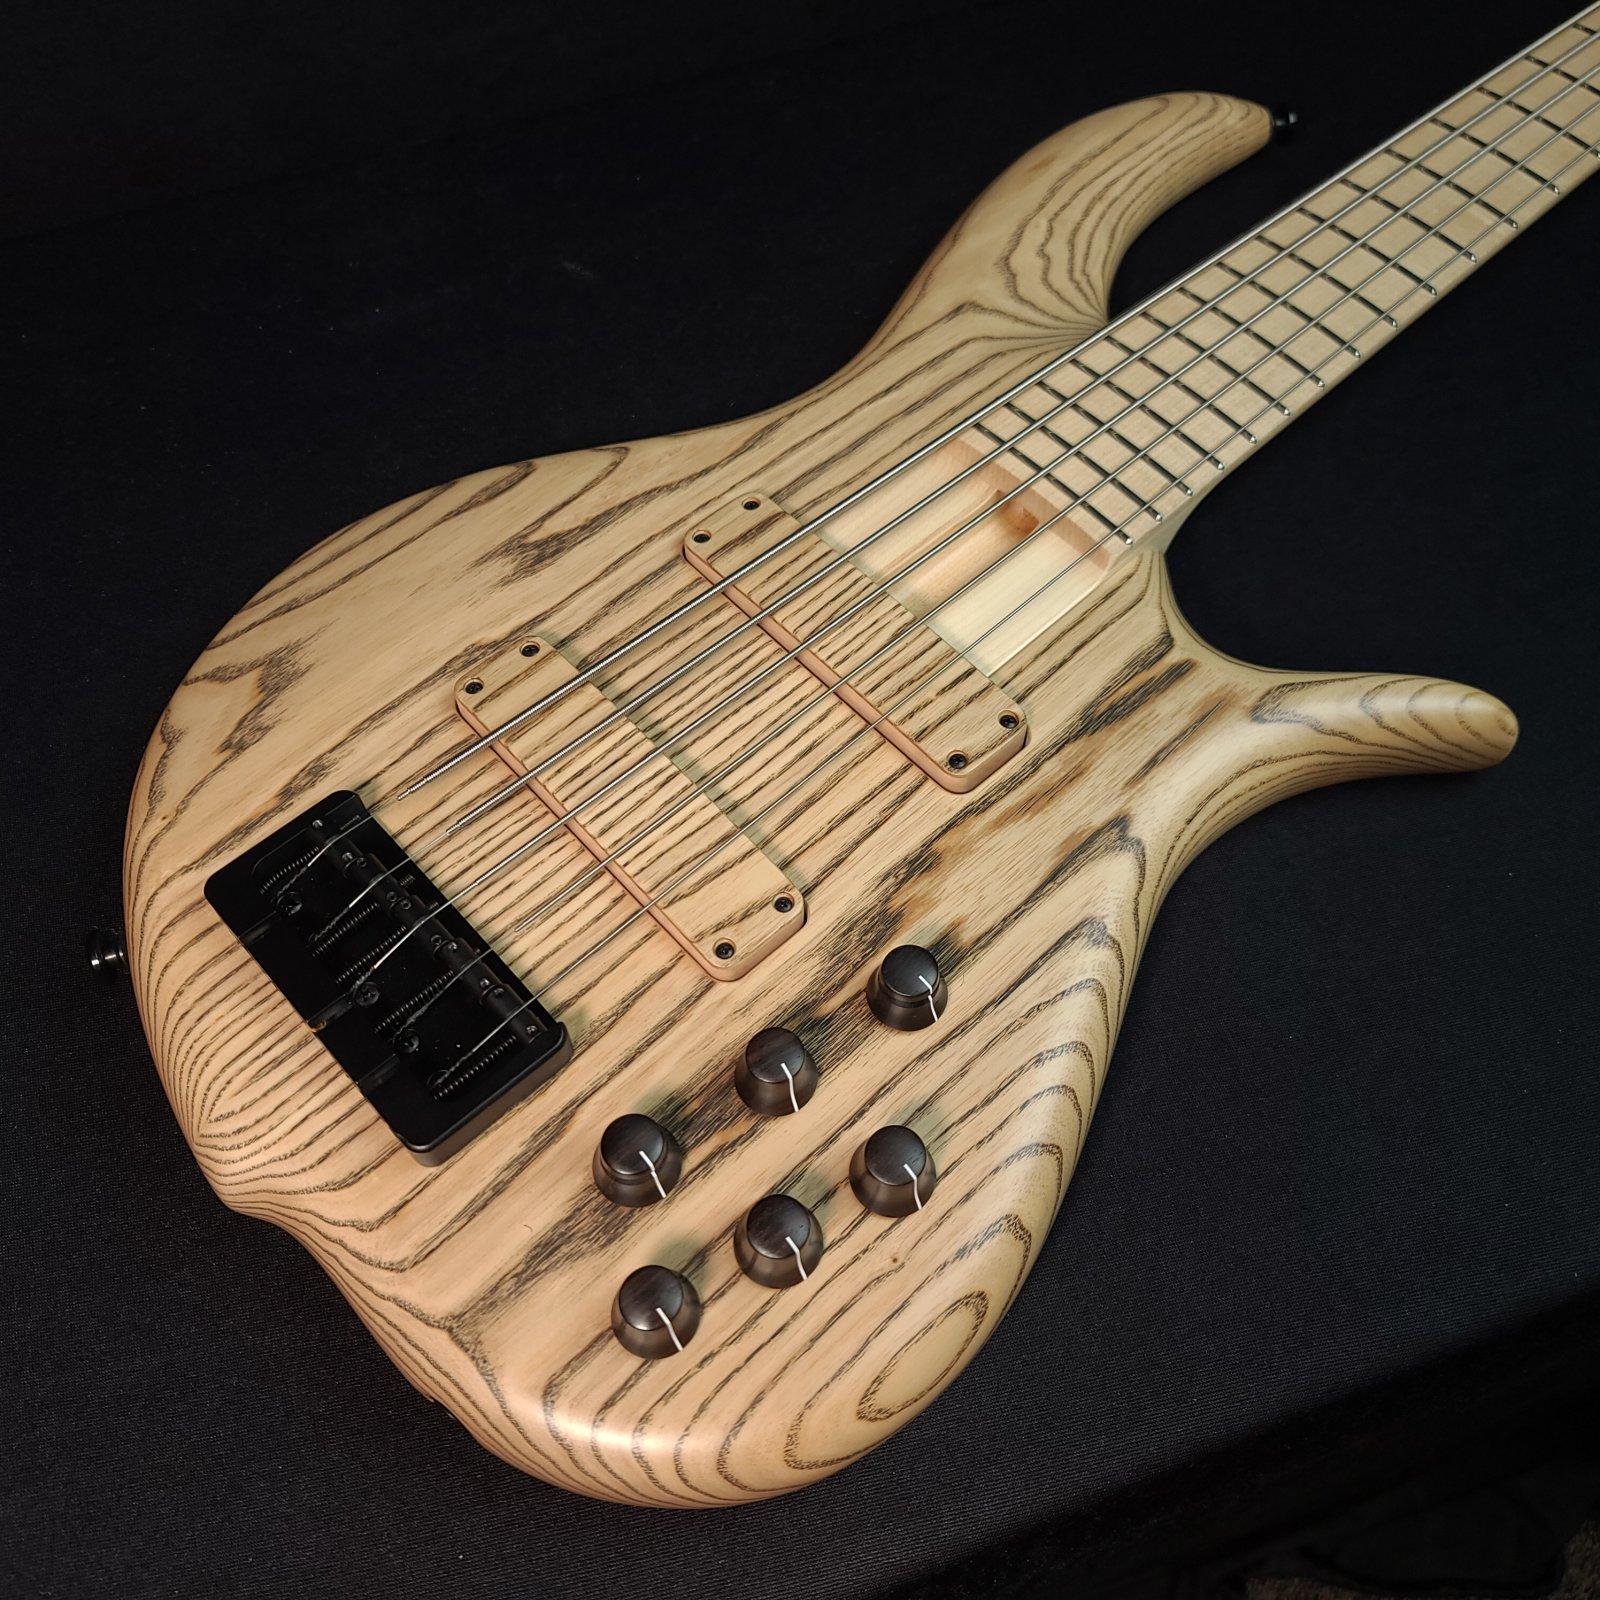 F Bass BN5 5 String Bass 2-Piece Ash Body w/ Gig Bag